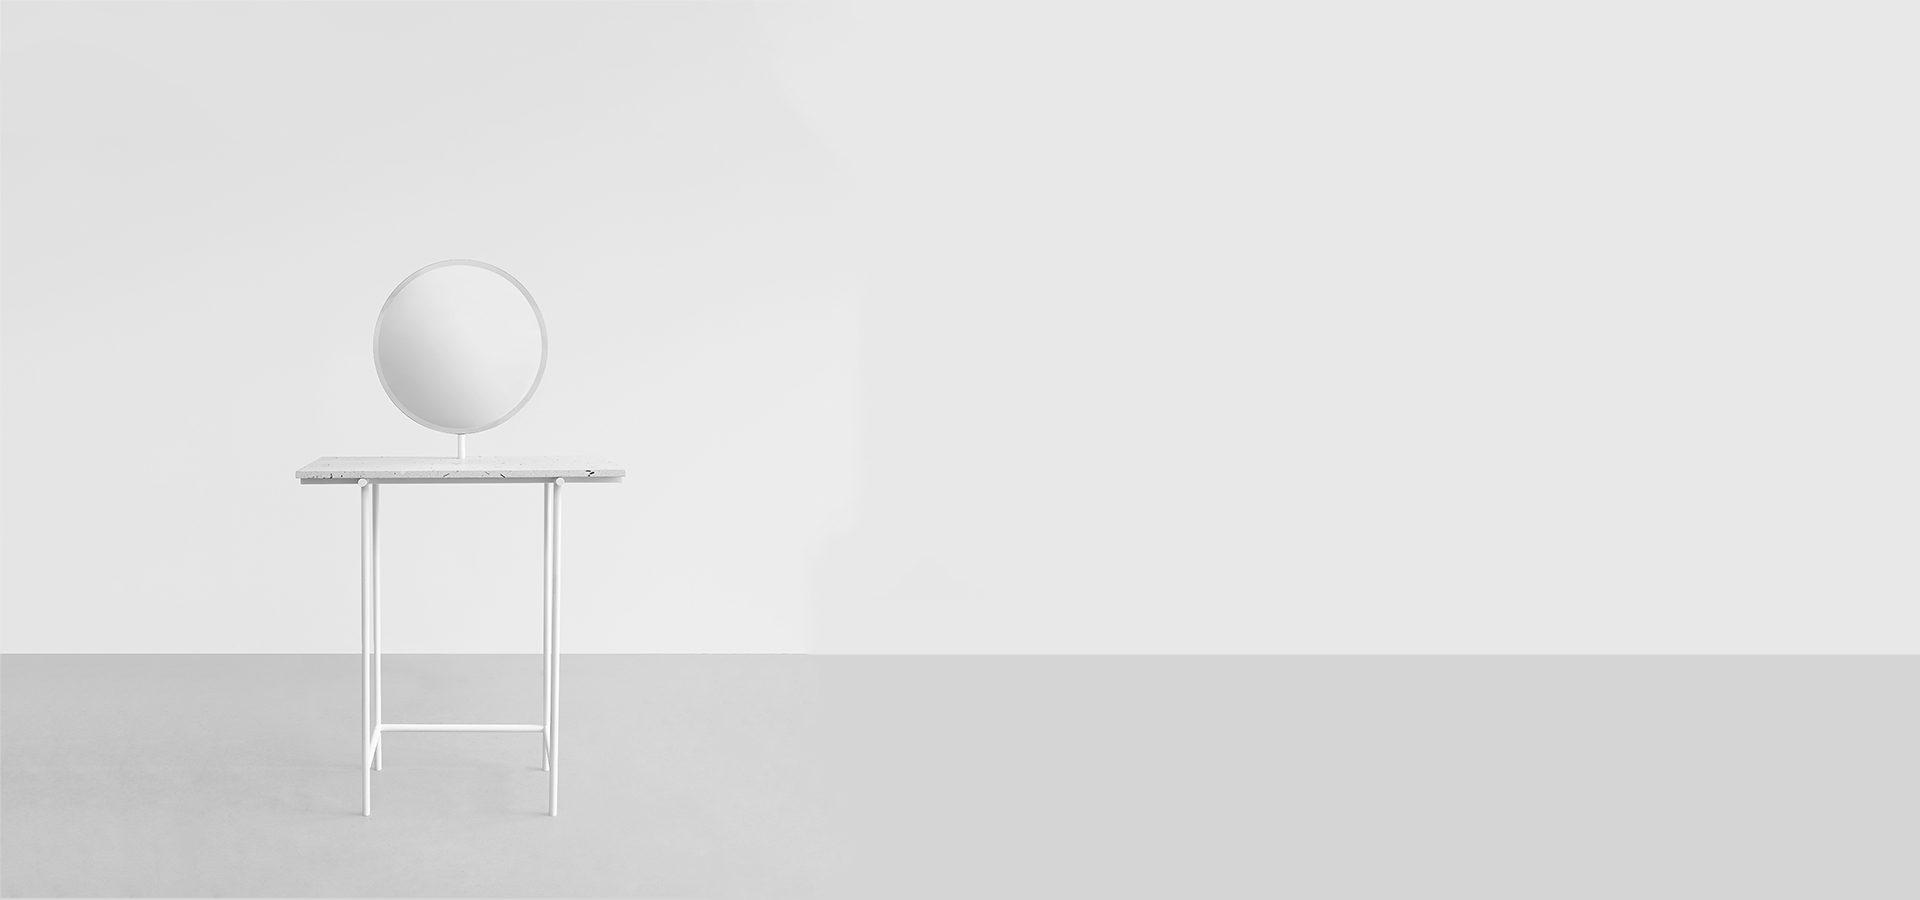 bobrella-llotllov-1920x900